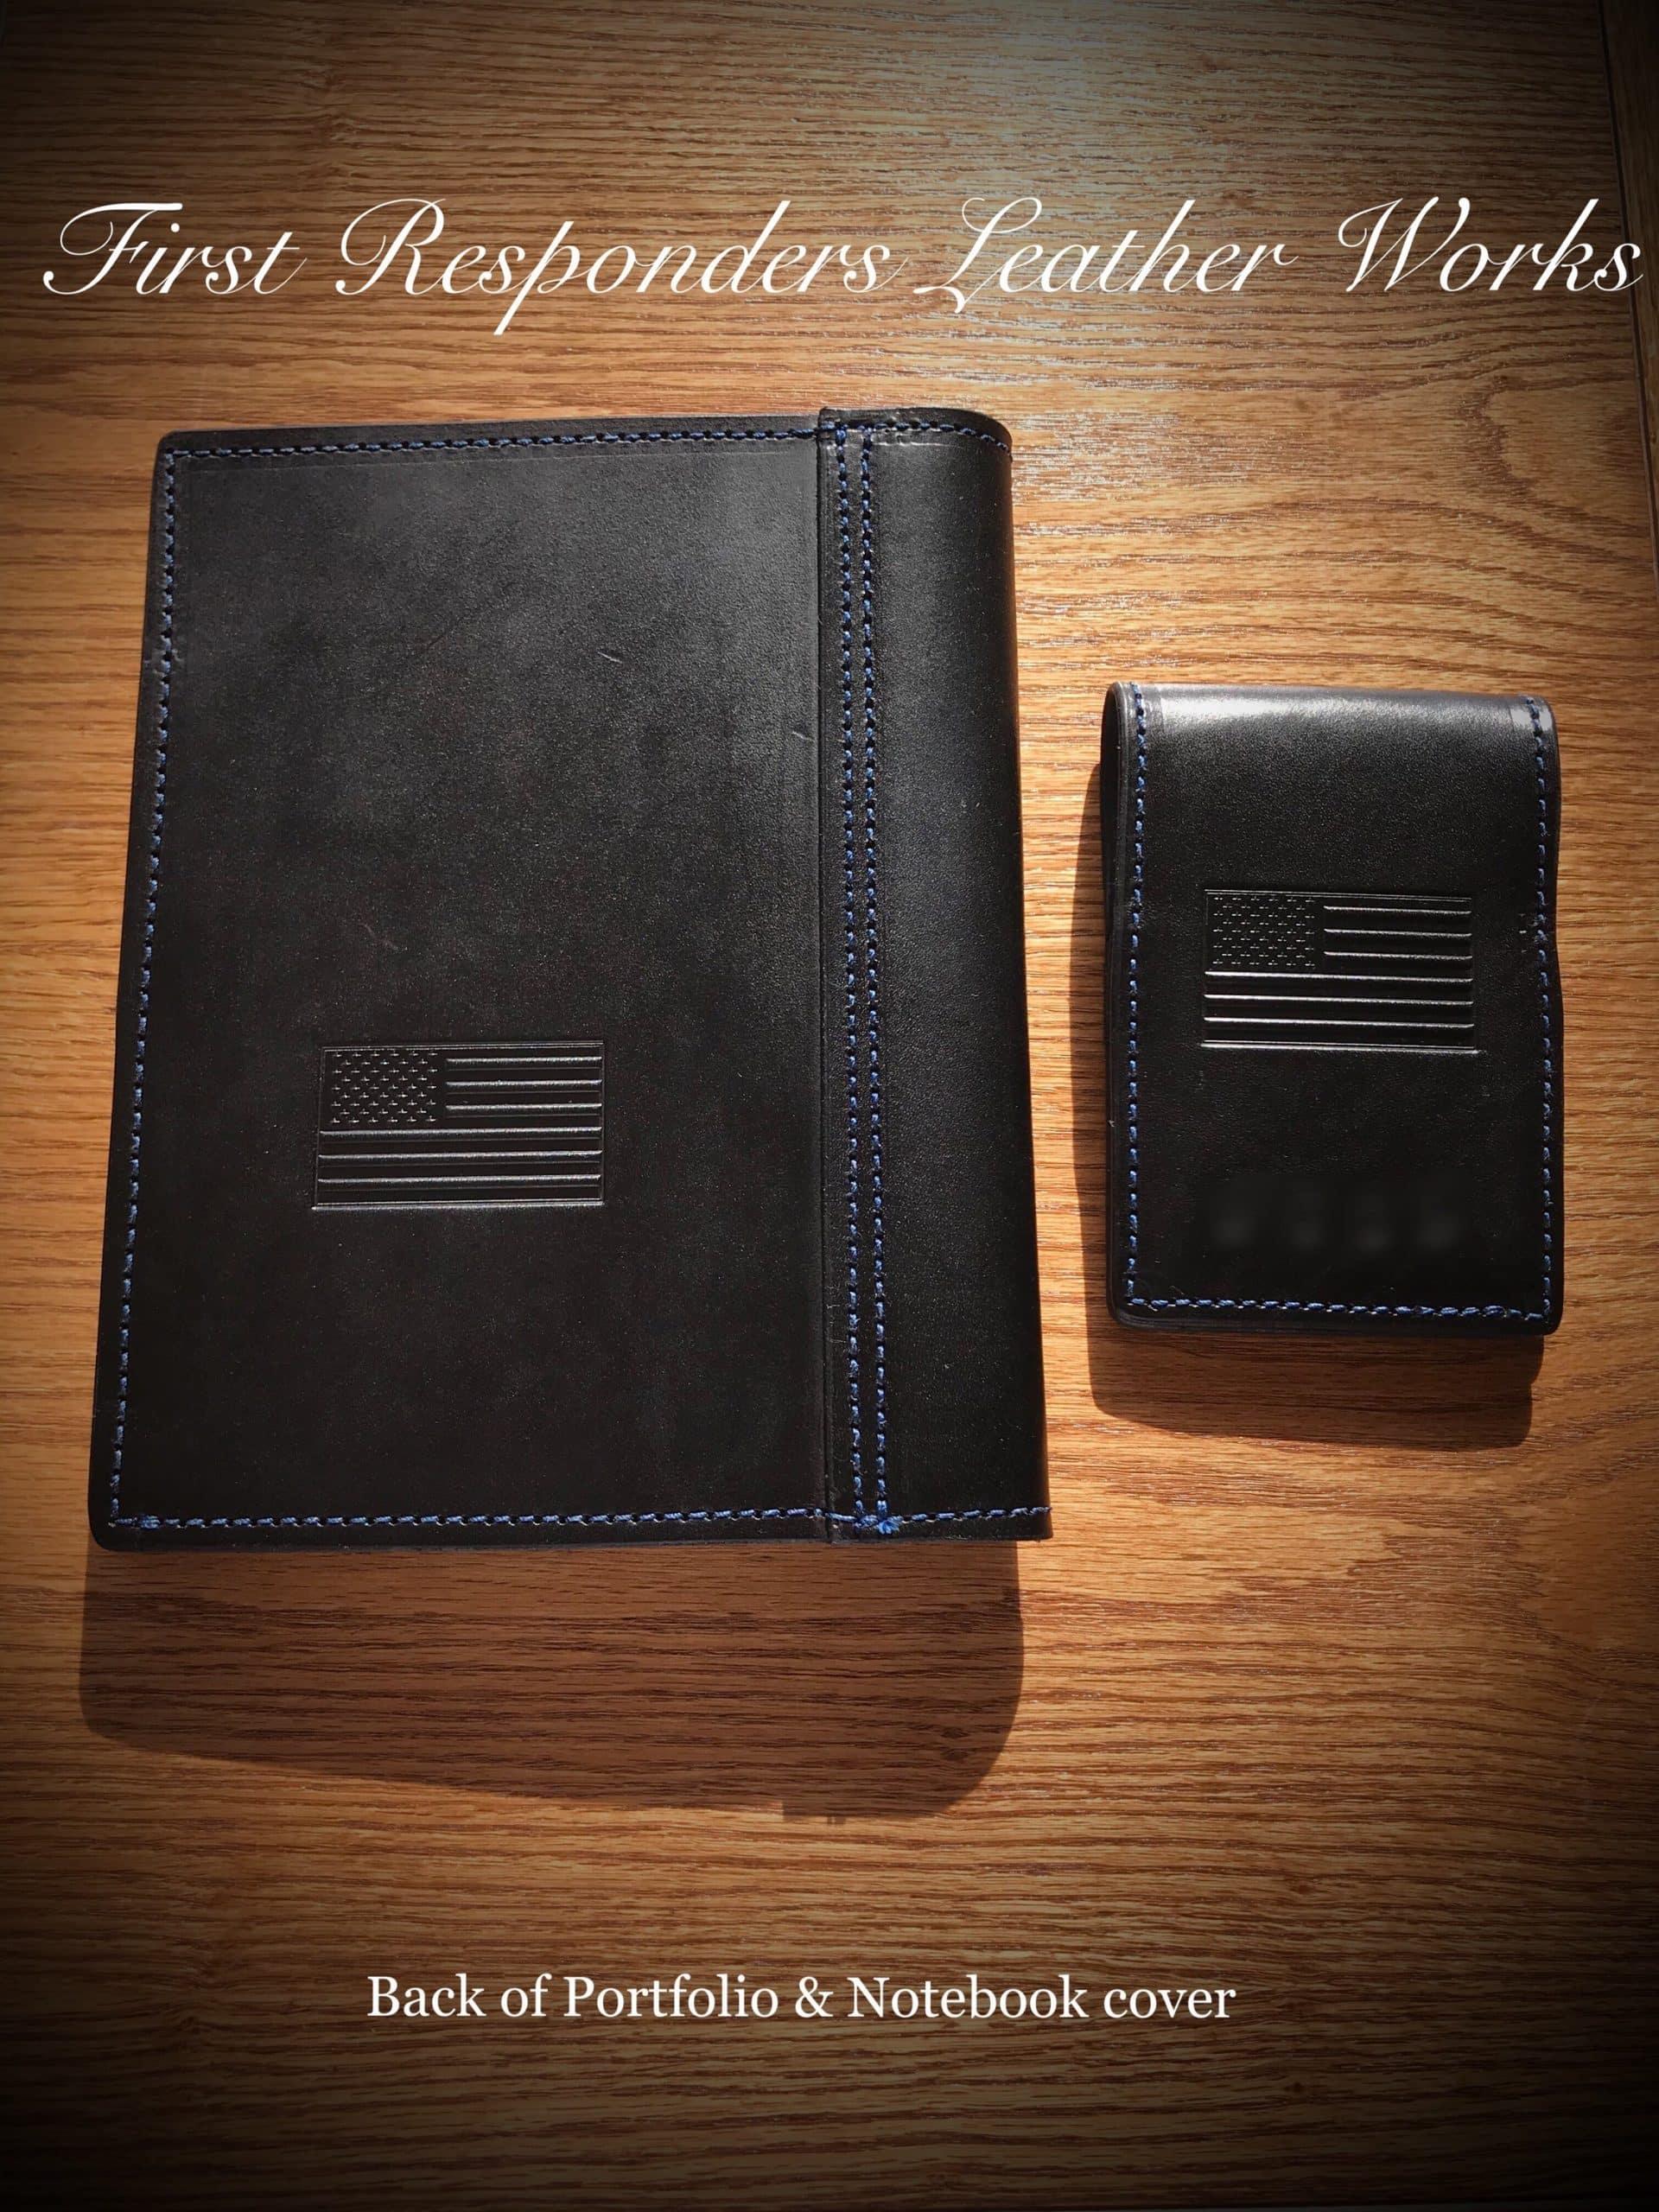 USA Notebook and Portfolio Cover